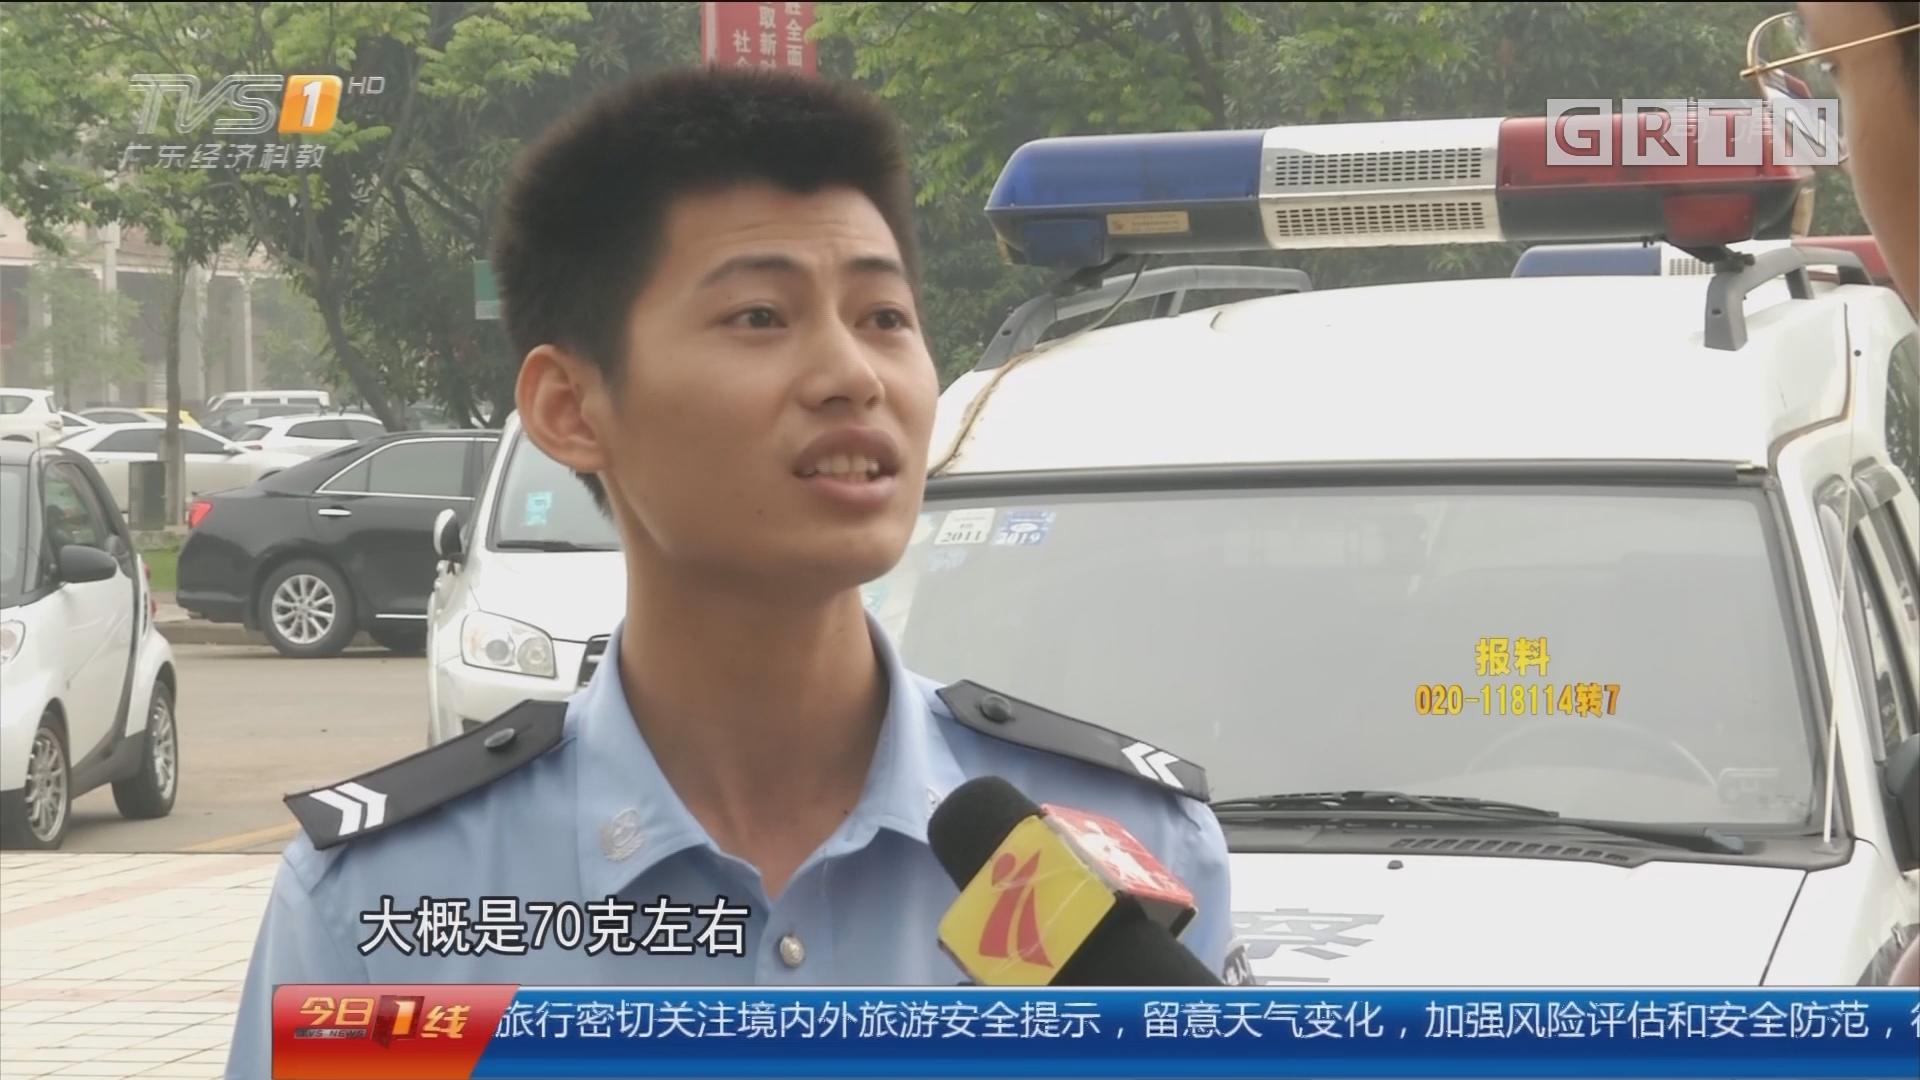 江门新会:车内暗藏70克海洛因 男子运毒品被捕